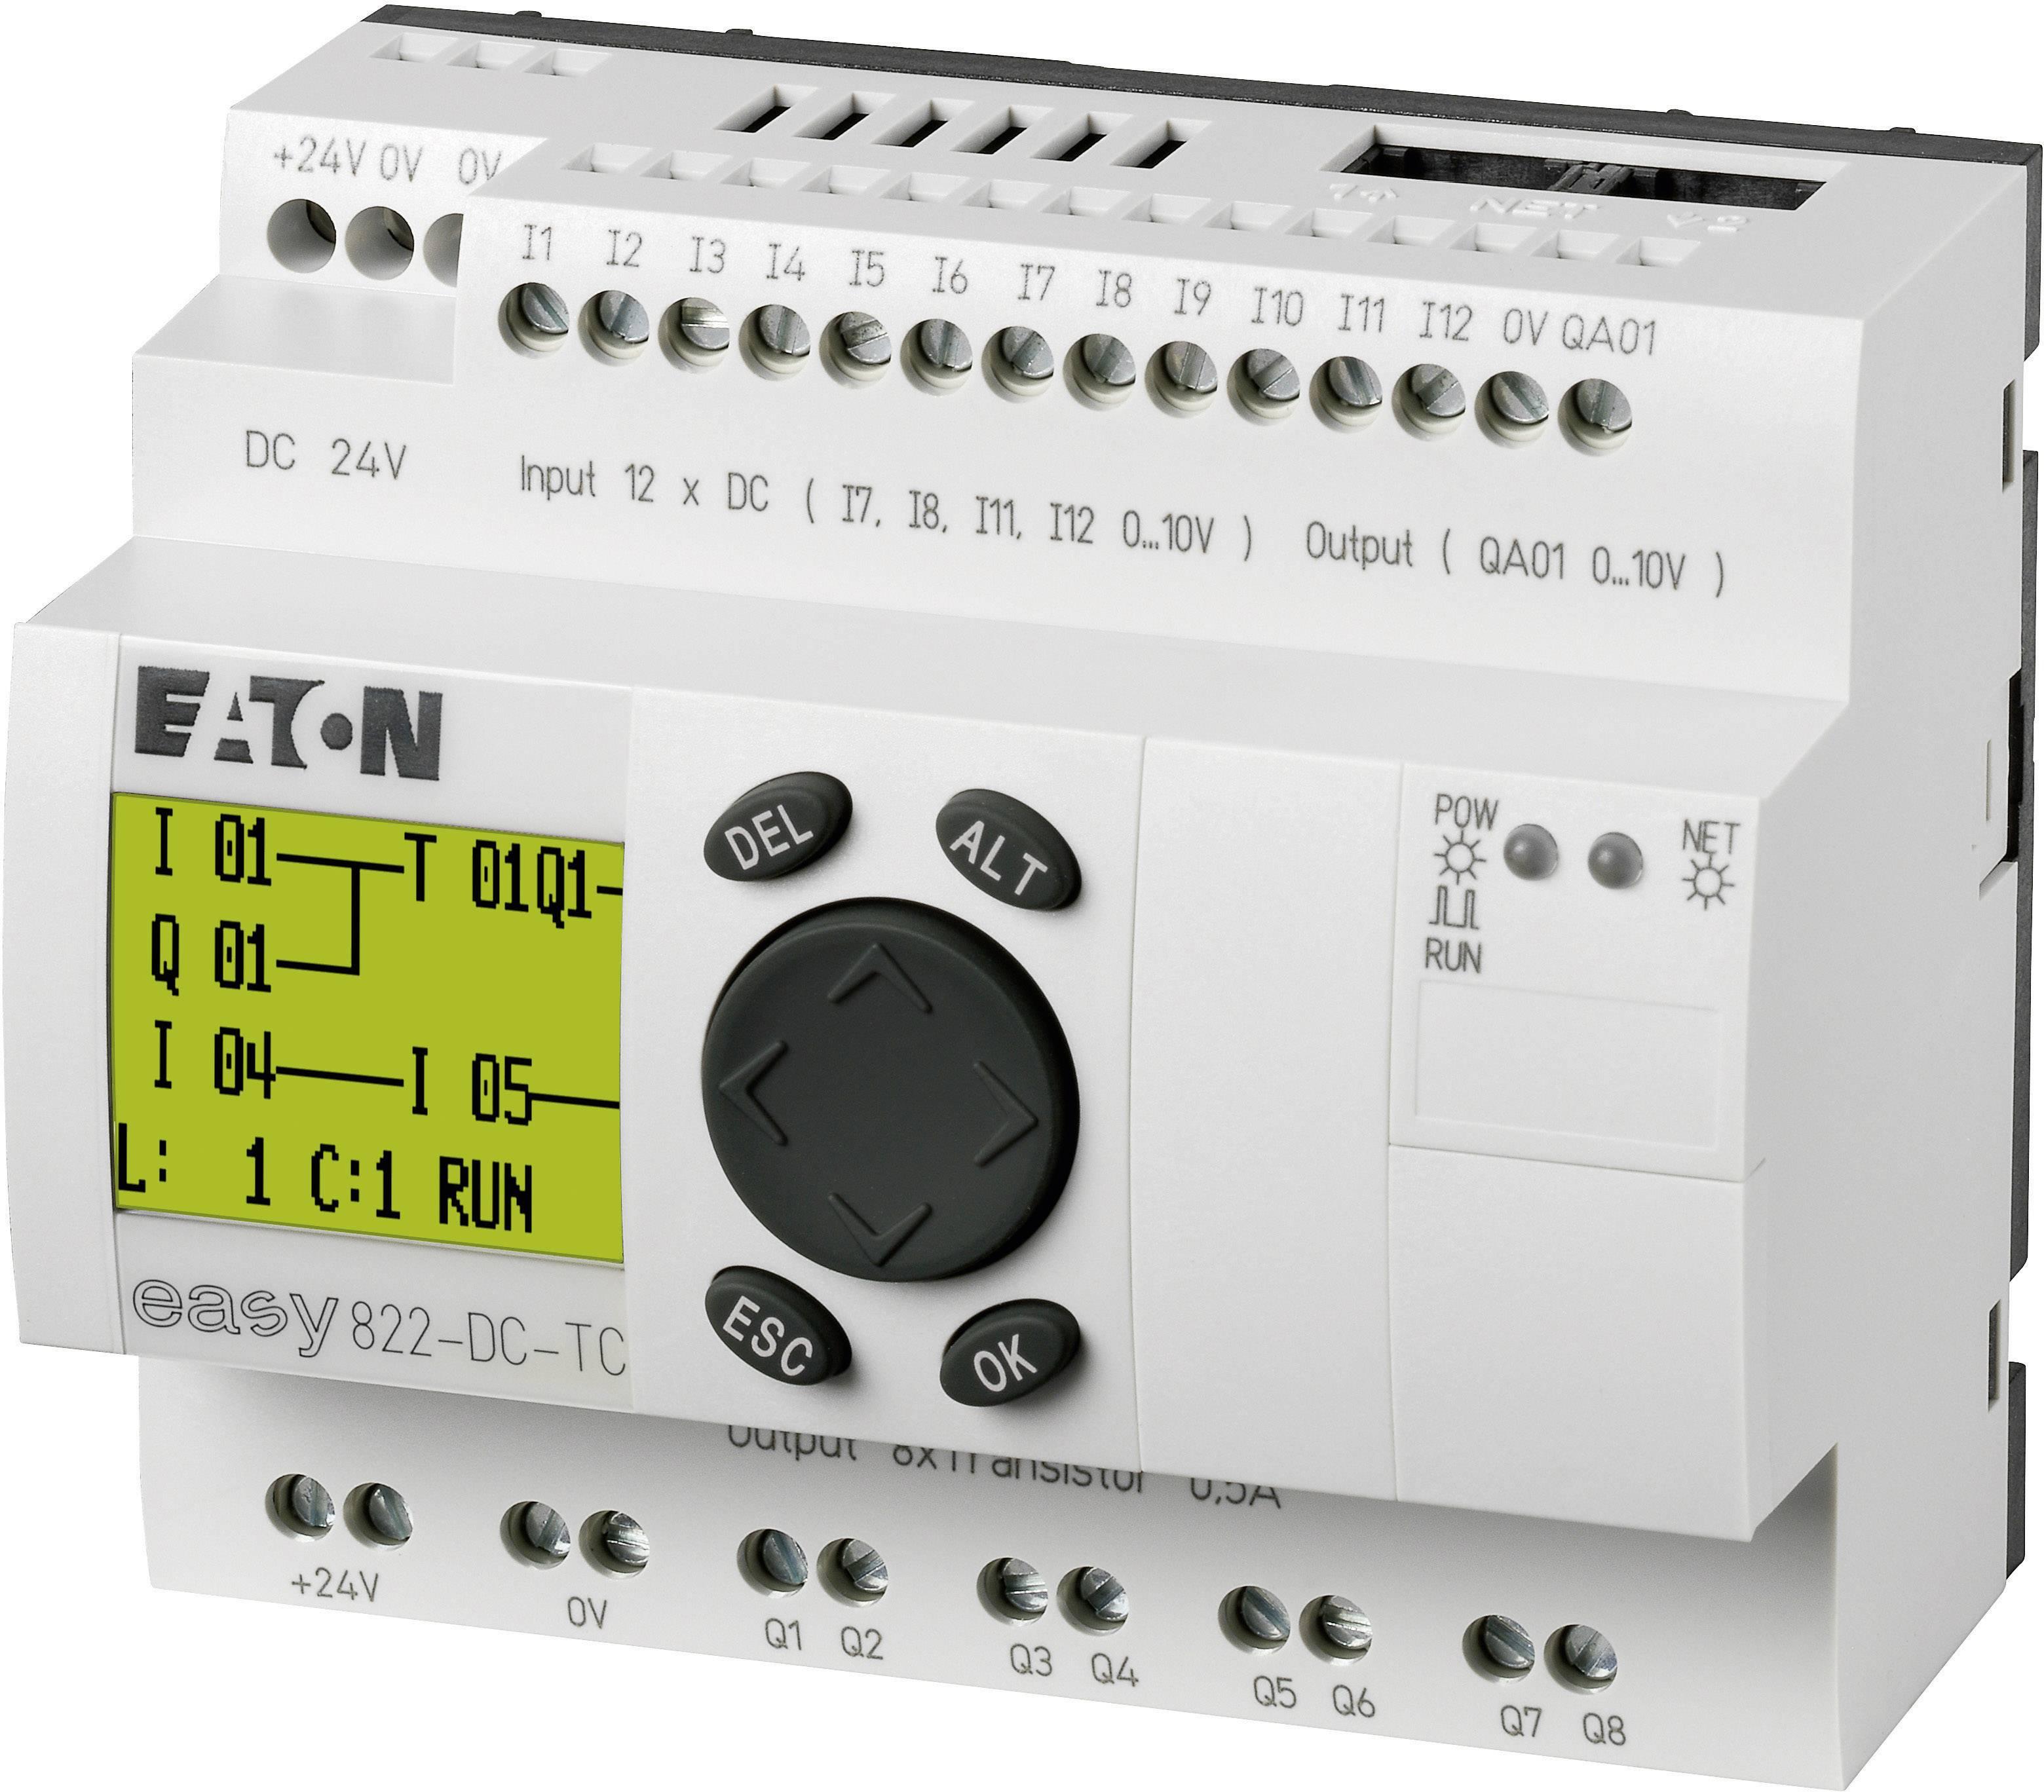 Řídicí PLC modul Eaton easy 822-DC-TC, 256275, RS232/422/485, 24 V/DC